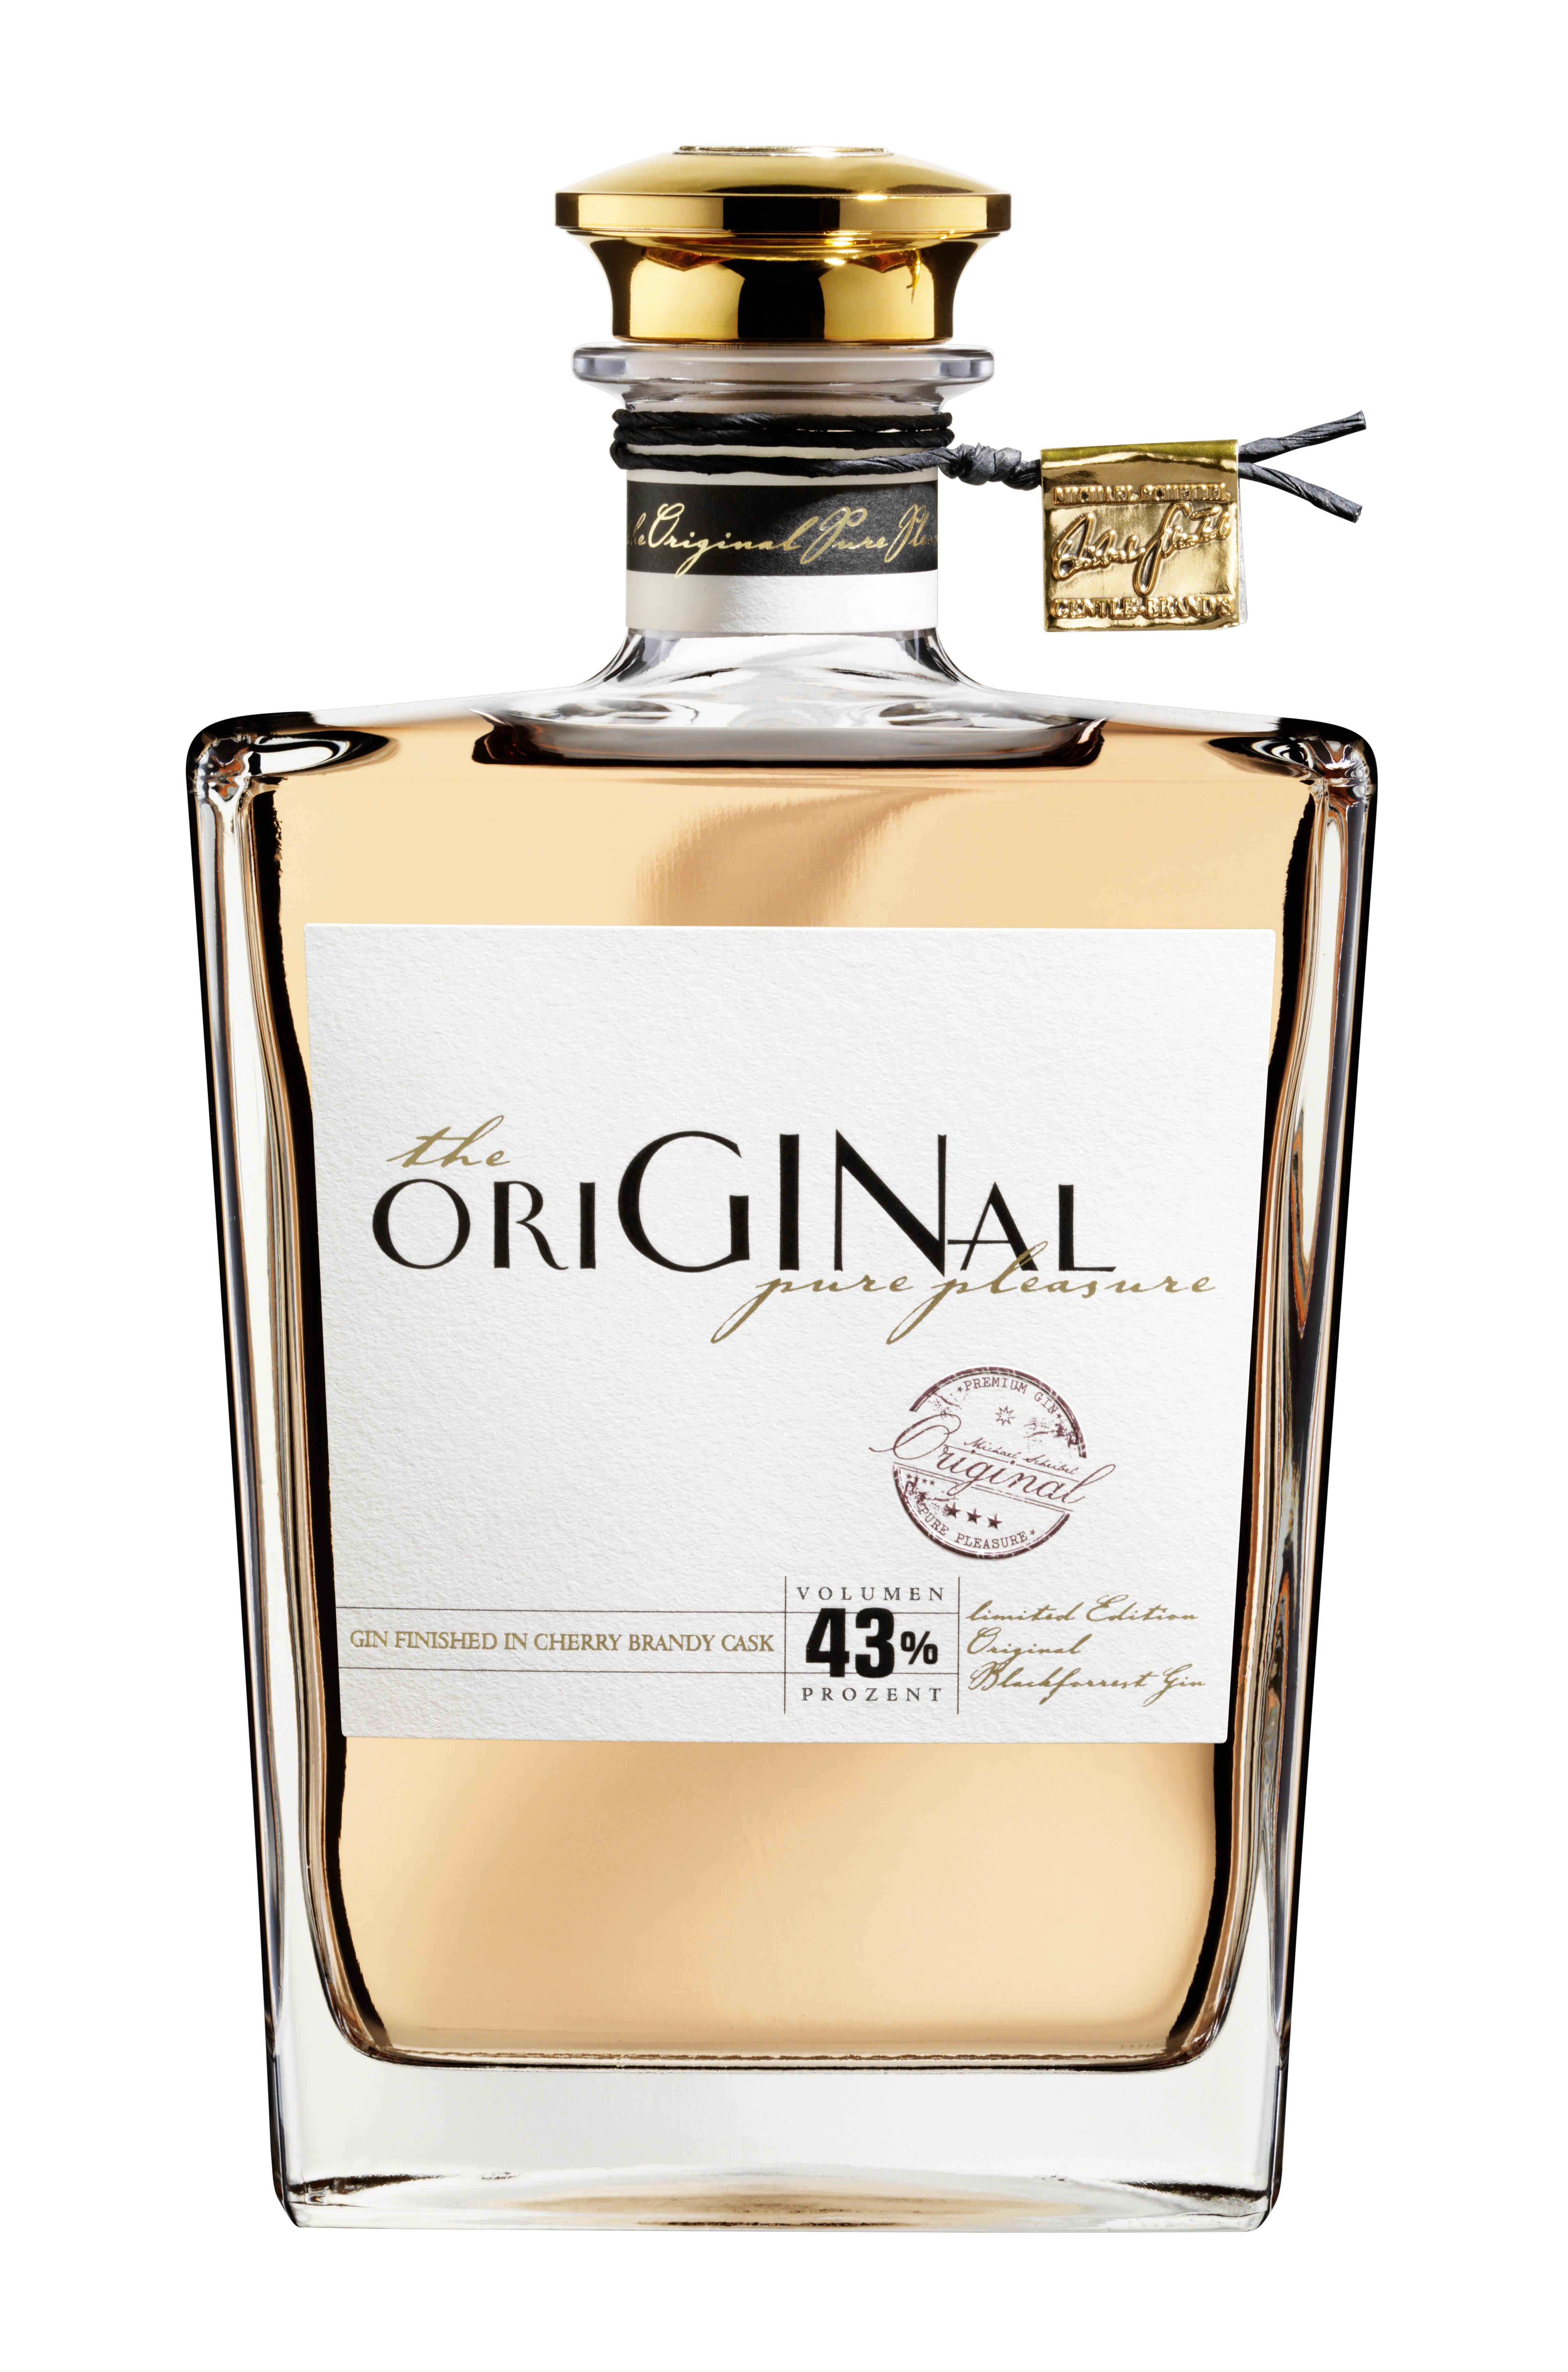 schnaps shop scheibel future gin the original gin schnaps g nstig kaufen. Black Bedroom Furniture Sets. Home Design Ideas